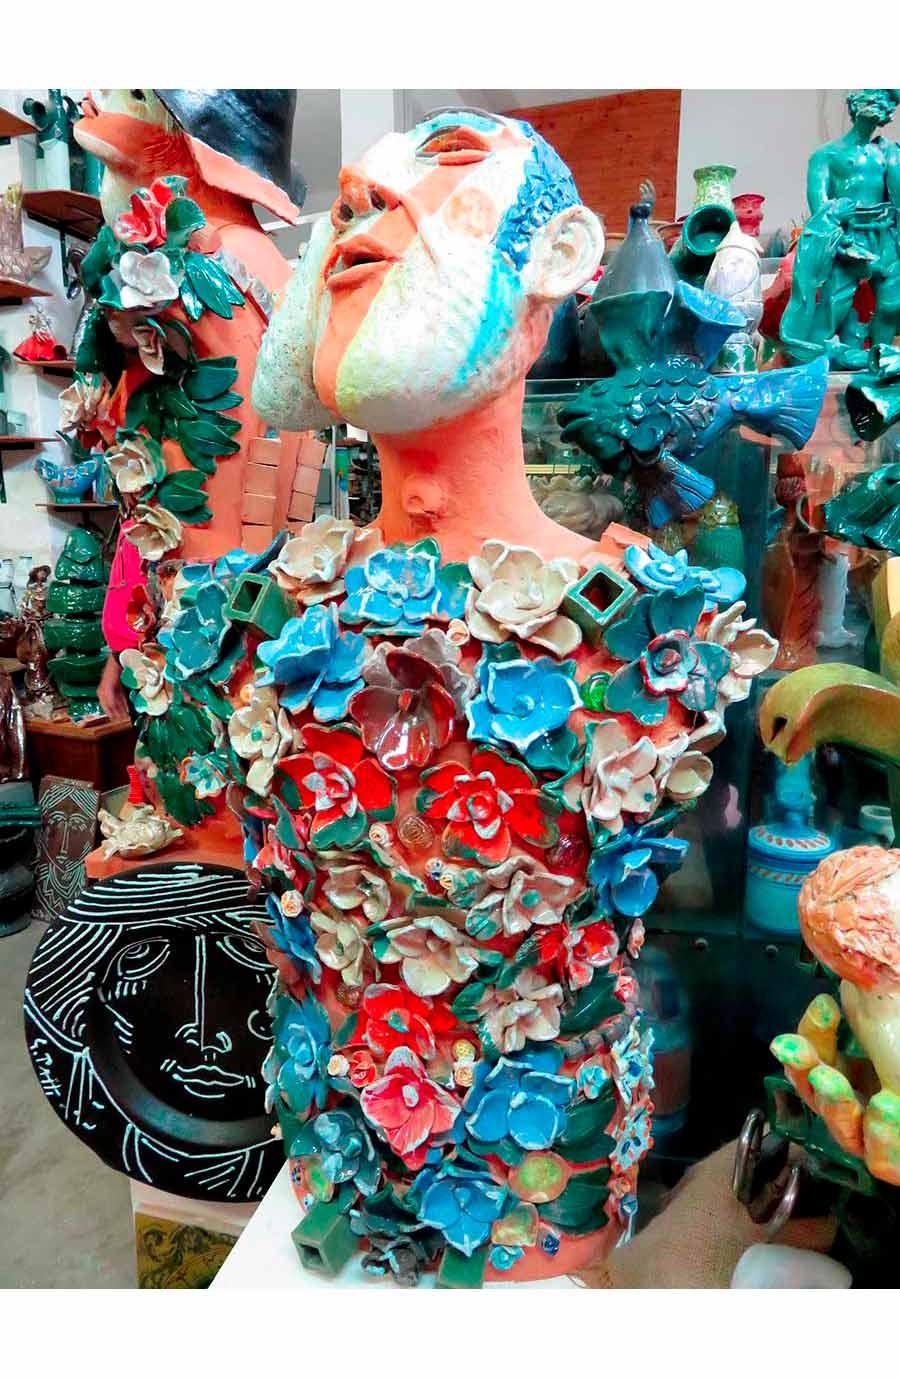 ceramista - opera busto floreale di Patti